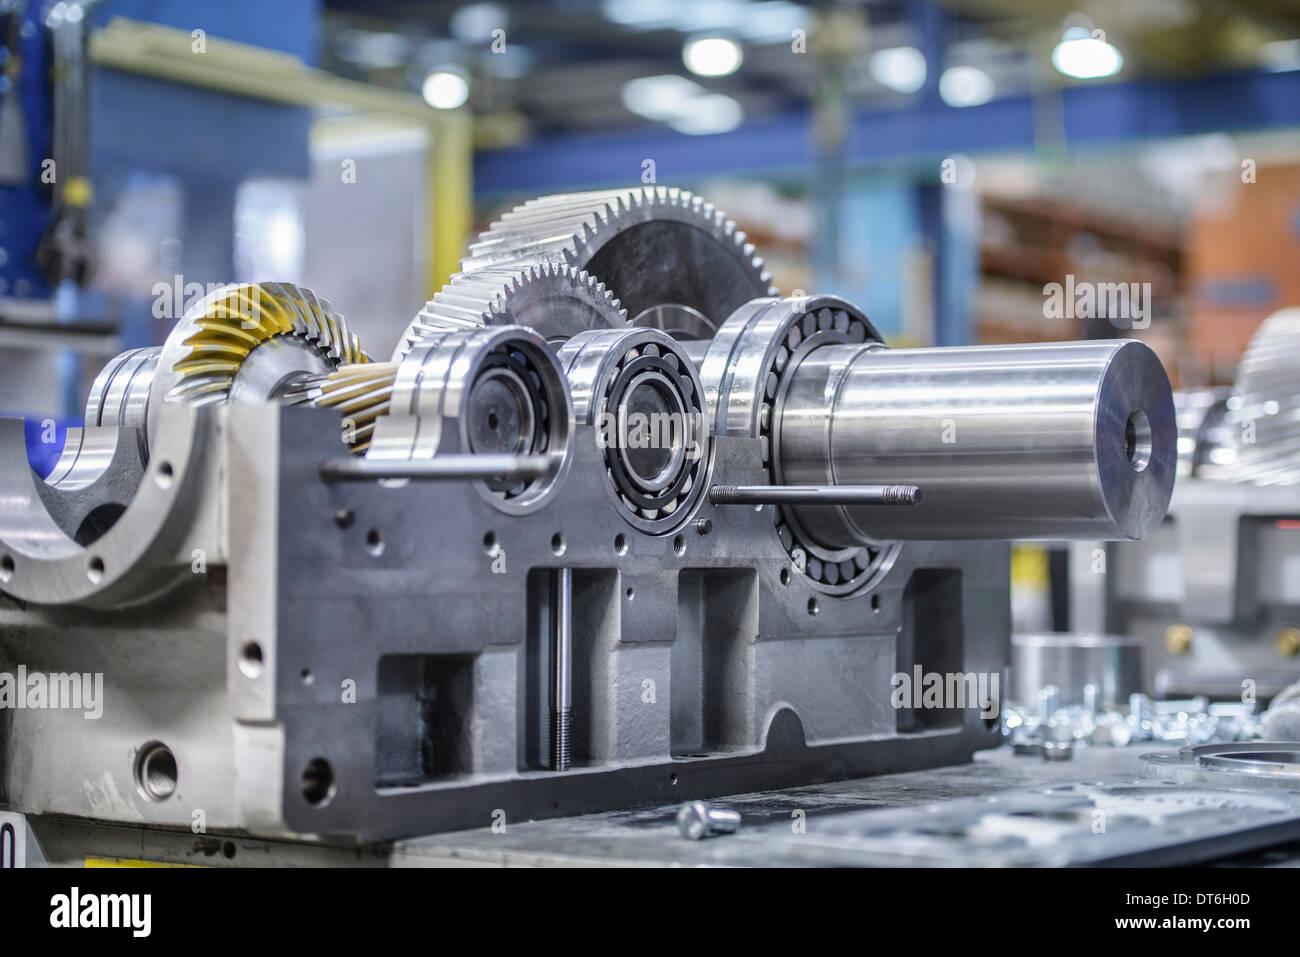 Caja industrial en la fábrica. Imagen De Stock